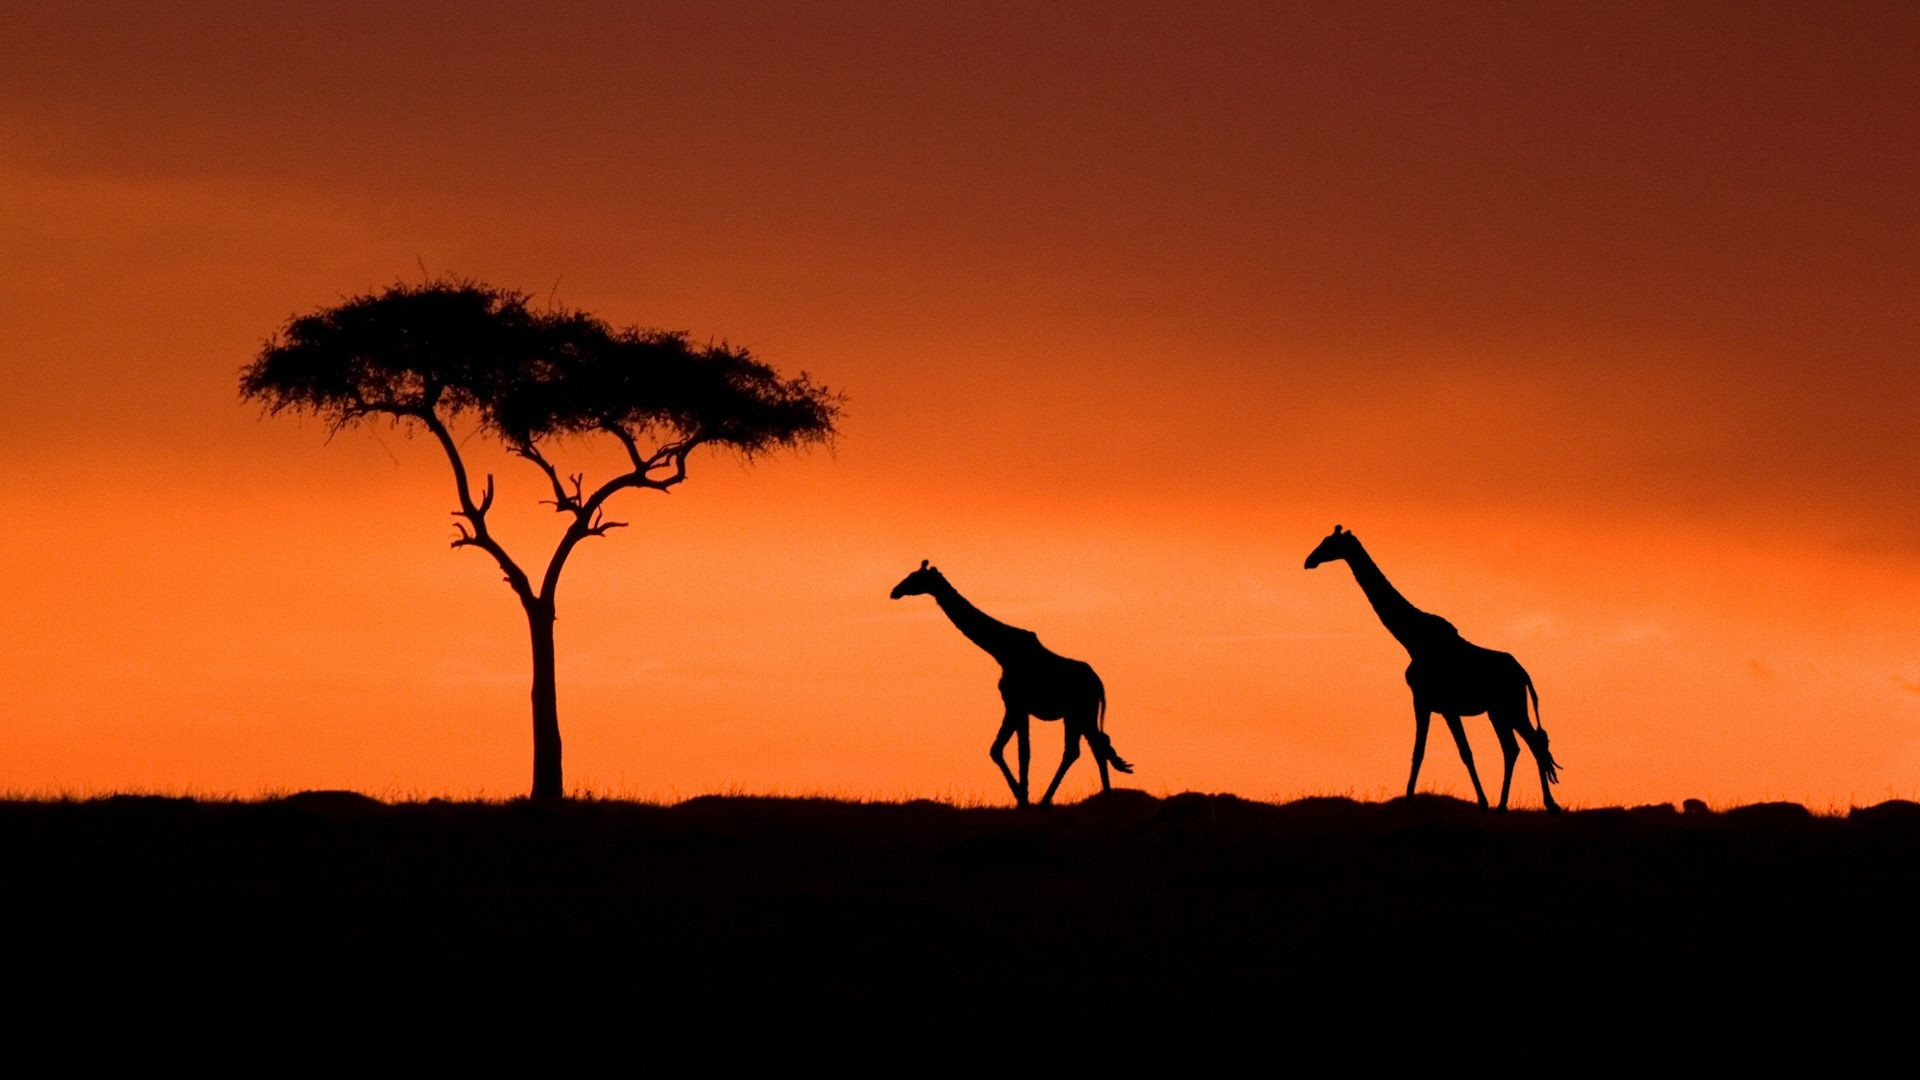 Giraffe Sunset Wallpaper Desktop Background – Wallpaper